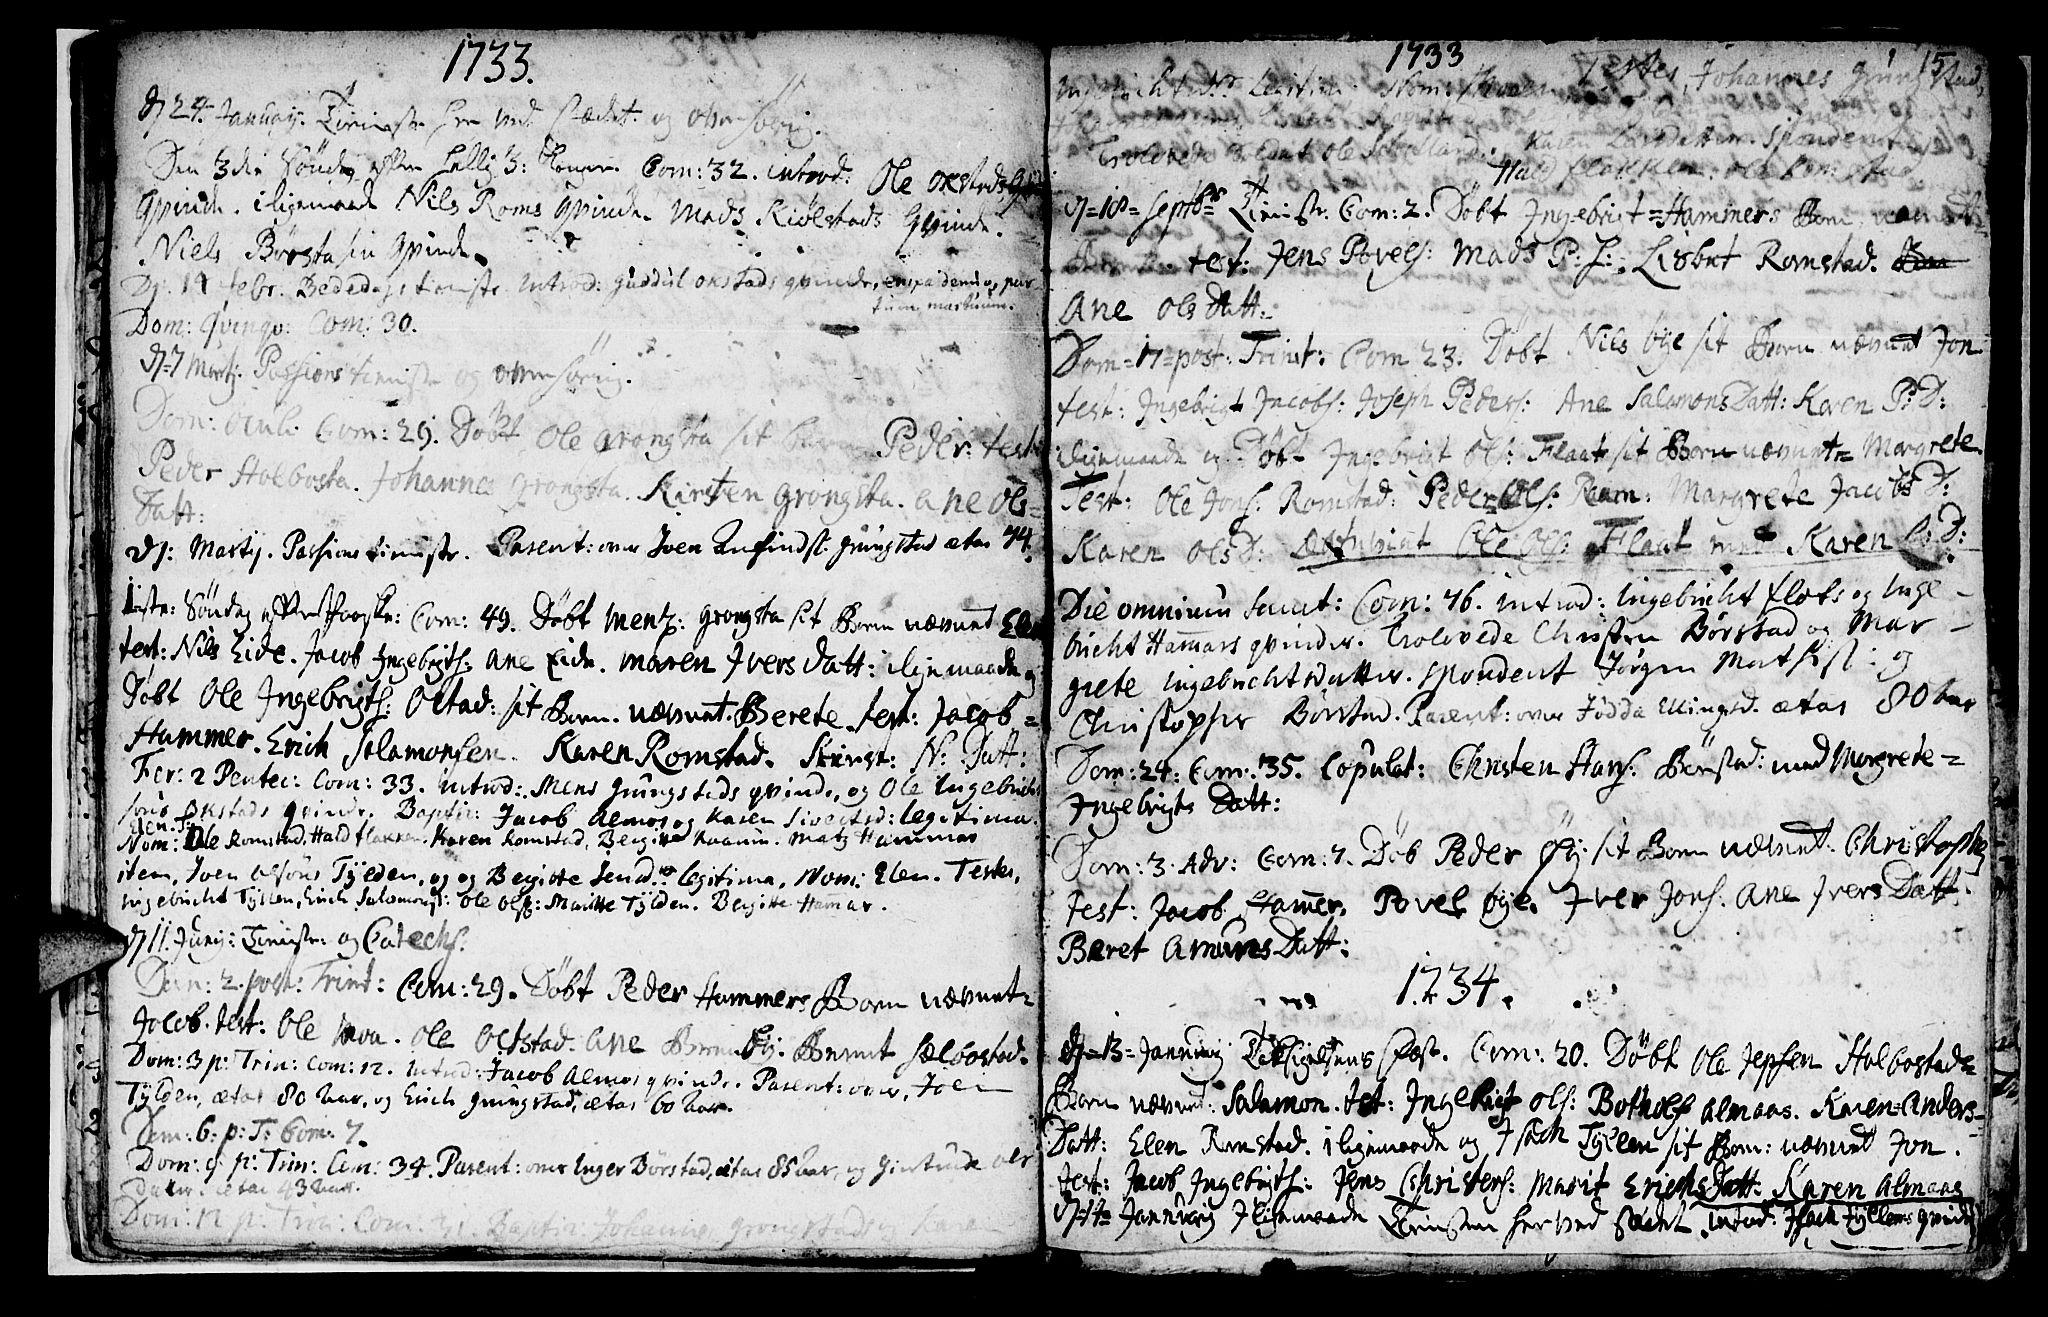 SAT, Ministerialprotokoller, klokkerbøker og fødselsregistre - Nord-Trøndelag, 765/L0560: Ministerialbok nr. 765A01, 1706-1748, s. 15